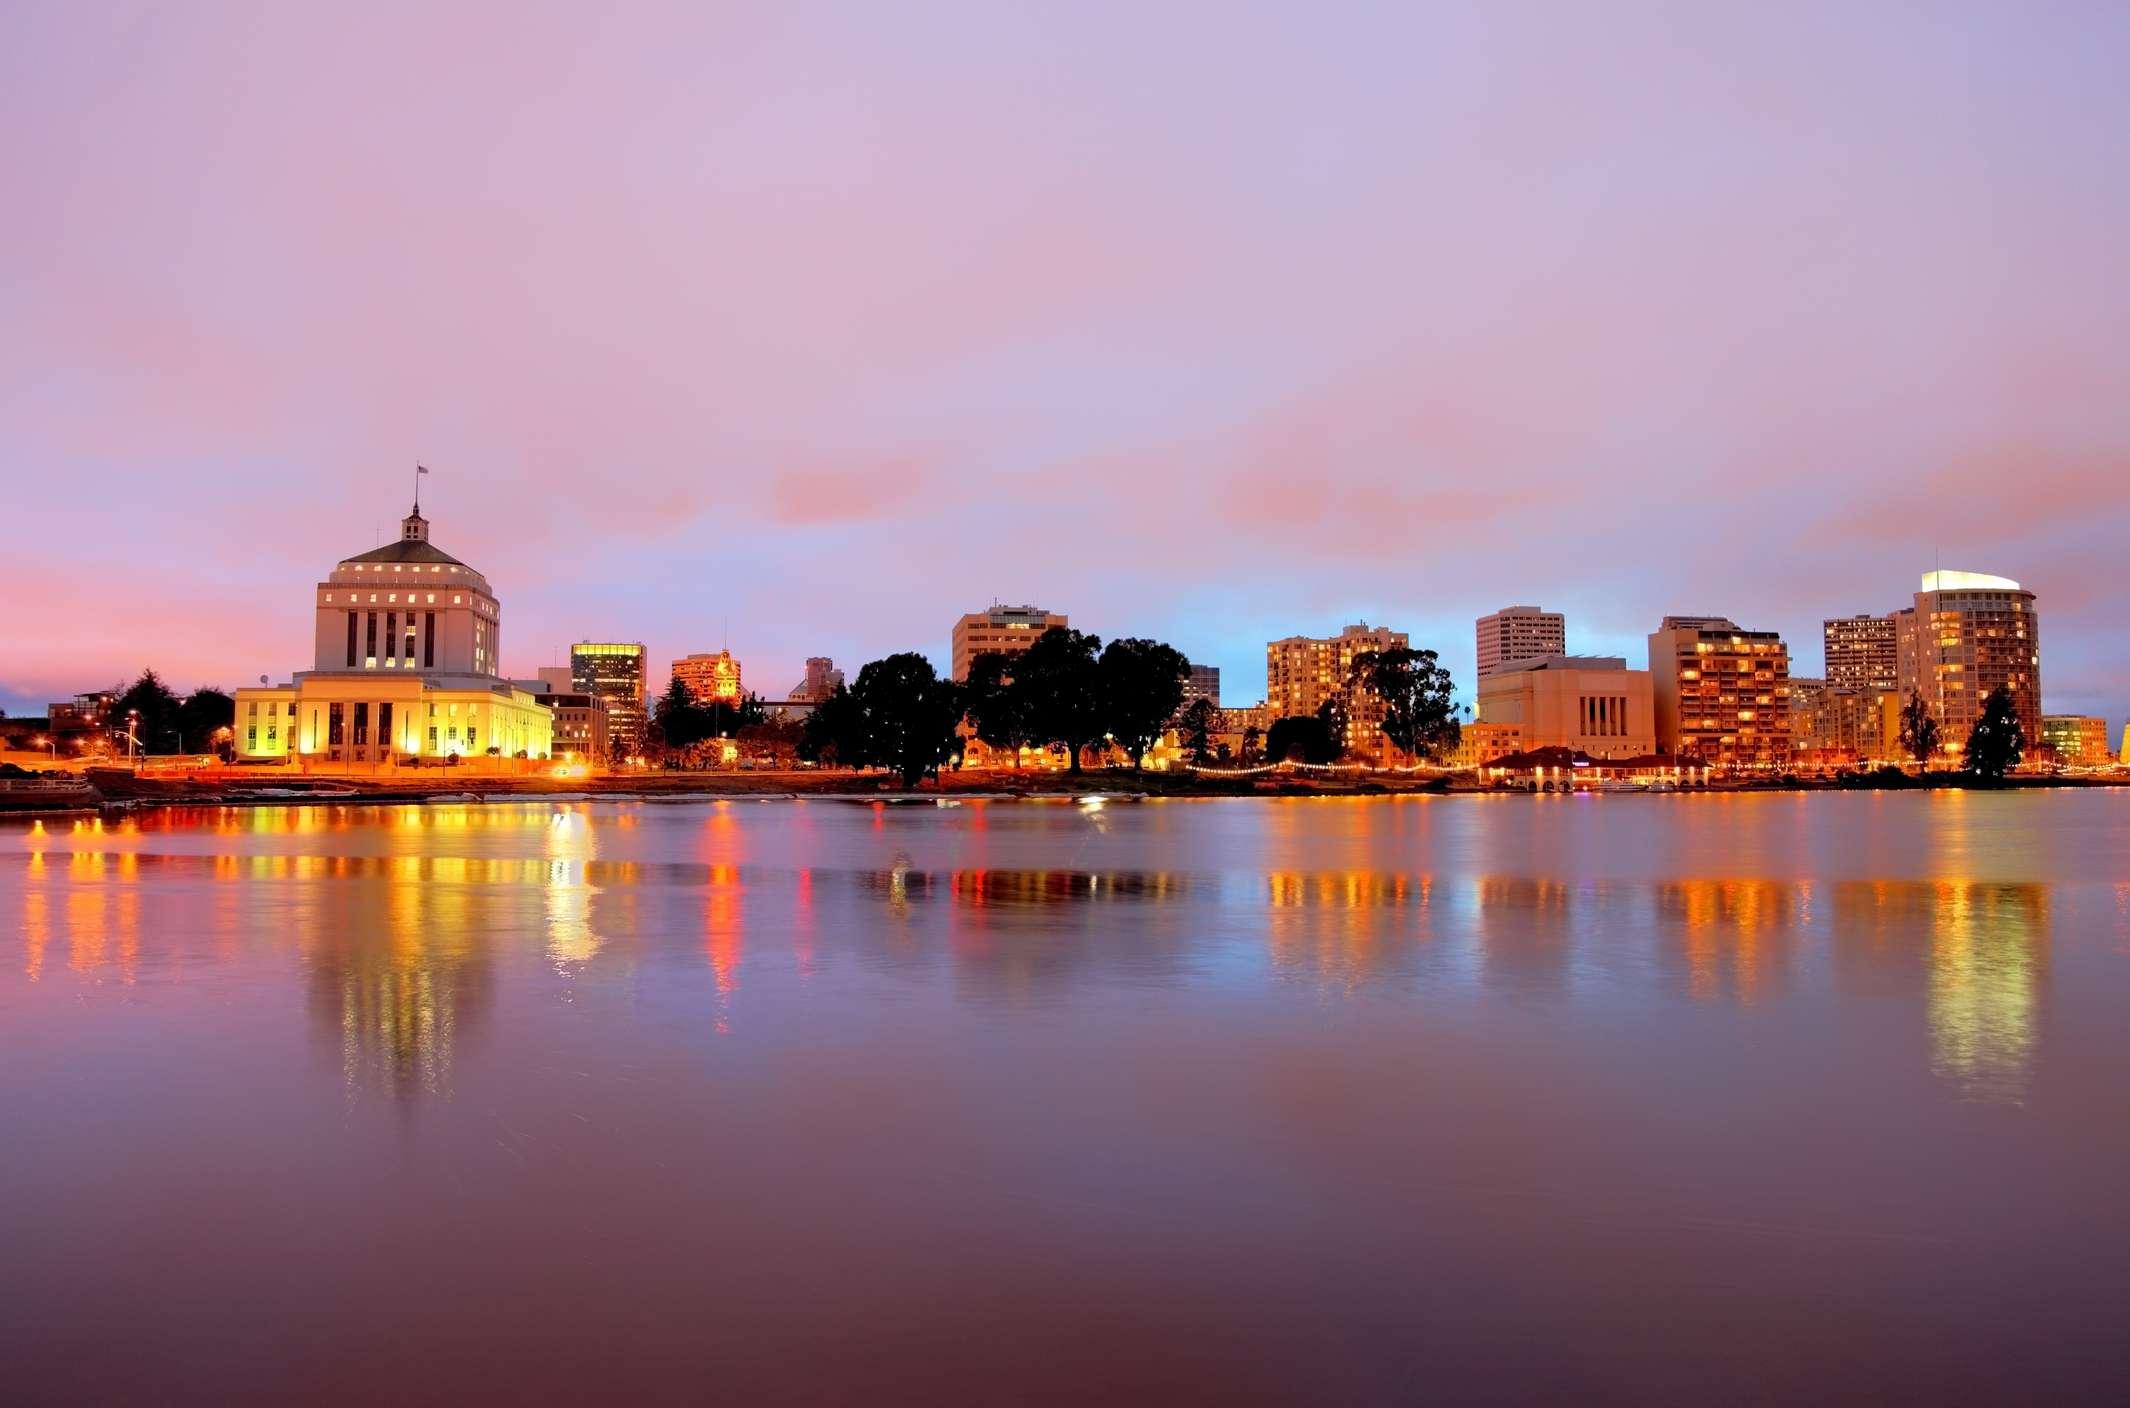 Downtown Oakland skyline along the banks of Lake Merritt